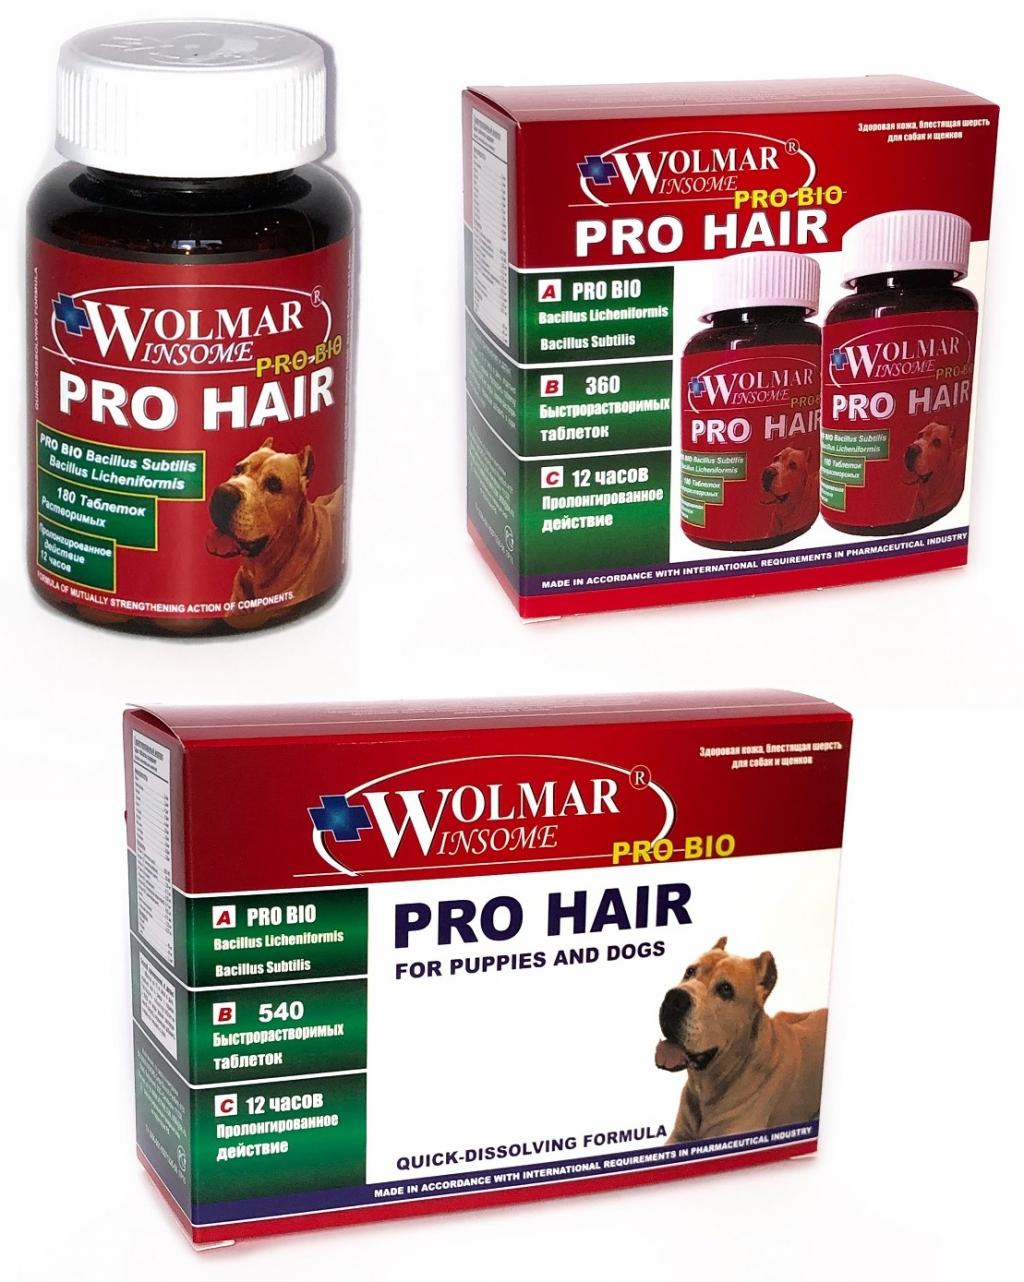 Волмар Винсом Комплекс Pro Bio Pro Hair для улучшения состояния кожи и шерсти у щенков и собак, в ассортименте, Wolmar Winsome